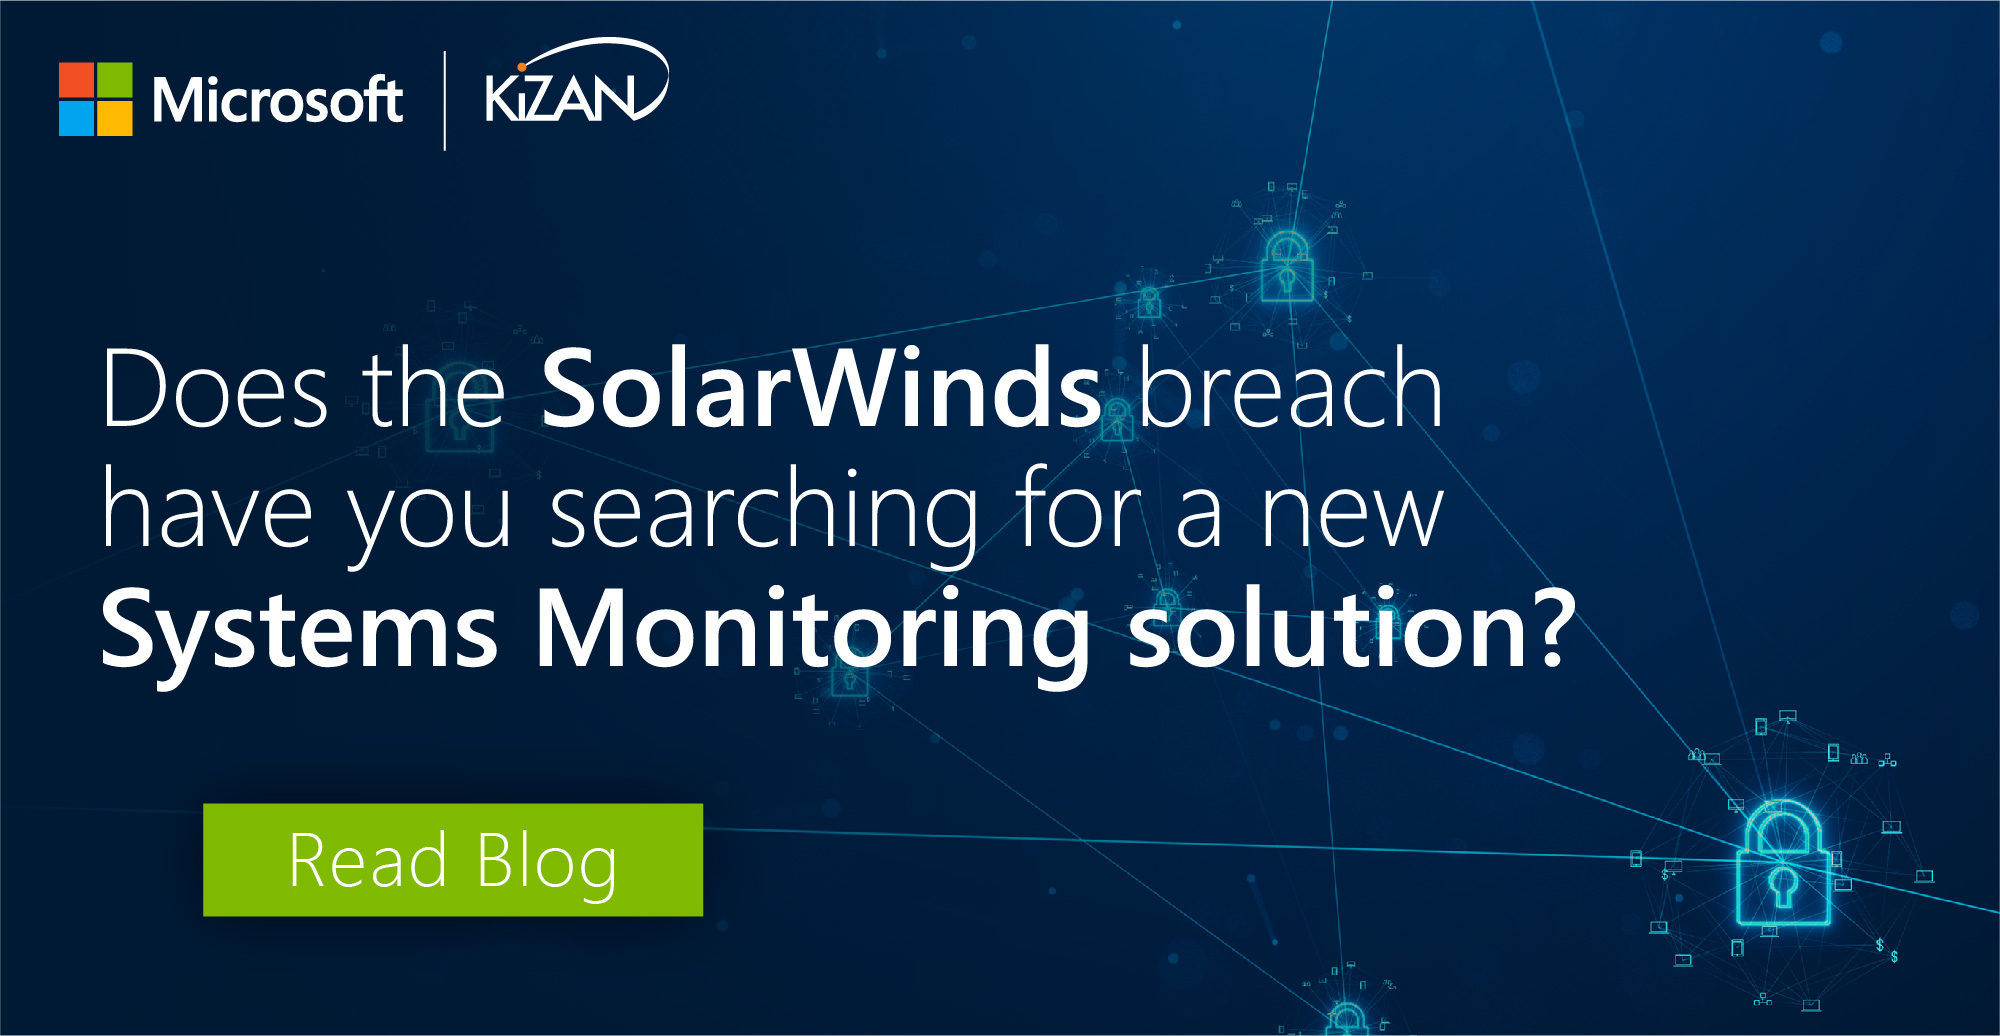 KiZAN | Systems Monitoring Solution